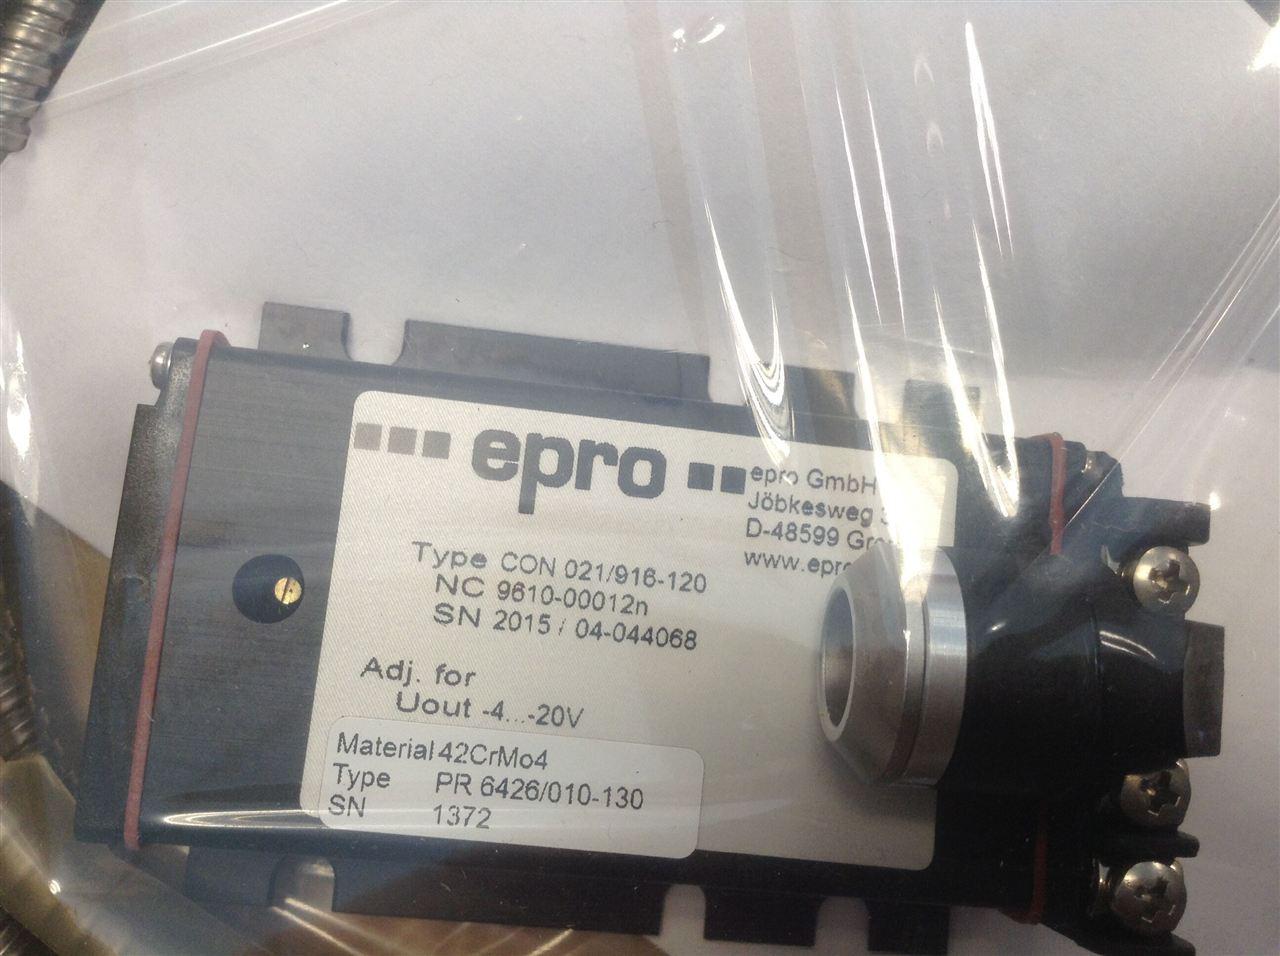 德国epro前置器仅存现货低价出售